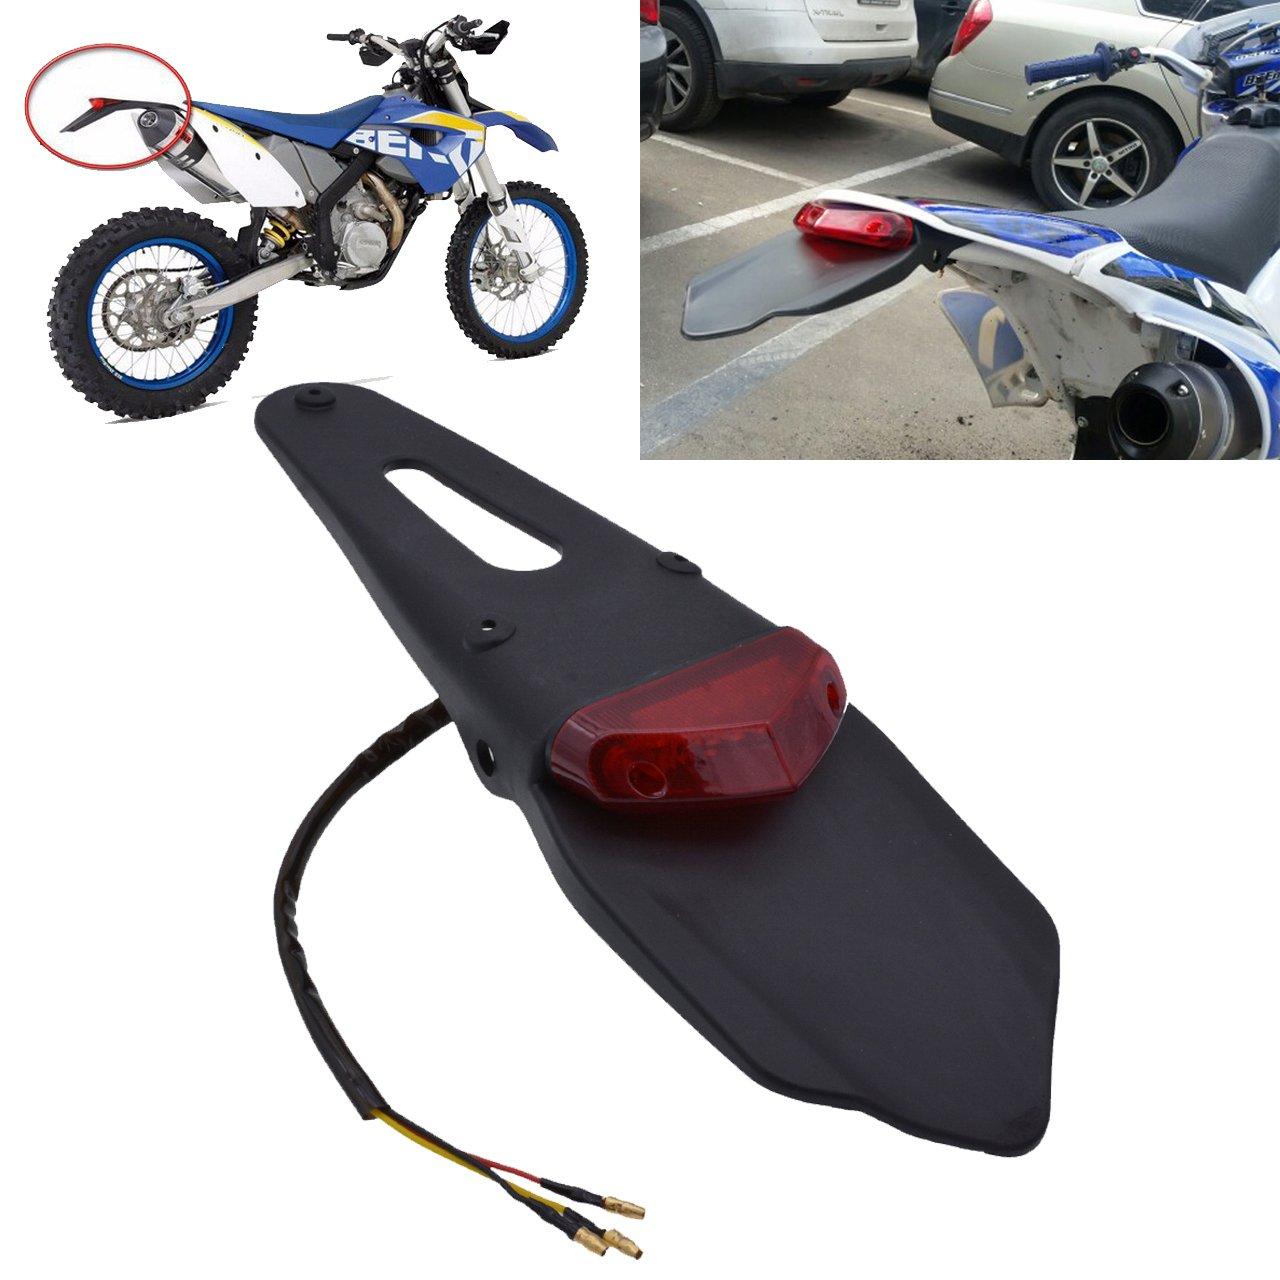 TUINCYN Parafango posteriore con LED per moto da cross, con fanale del freno posteriore, con staffa, nero, per la targa, con lente rossa (confezione da 1) BHBAZUALIn4947